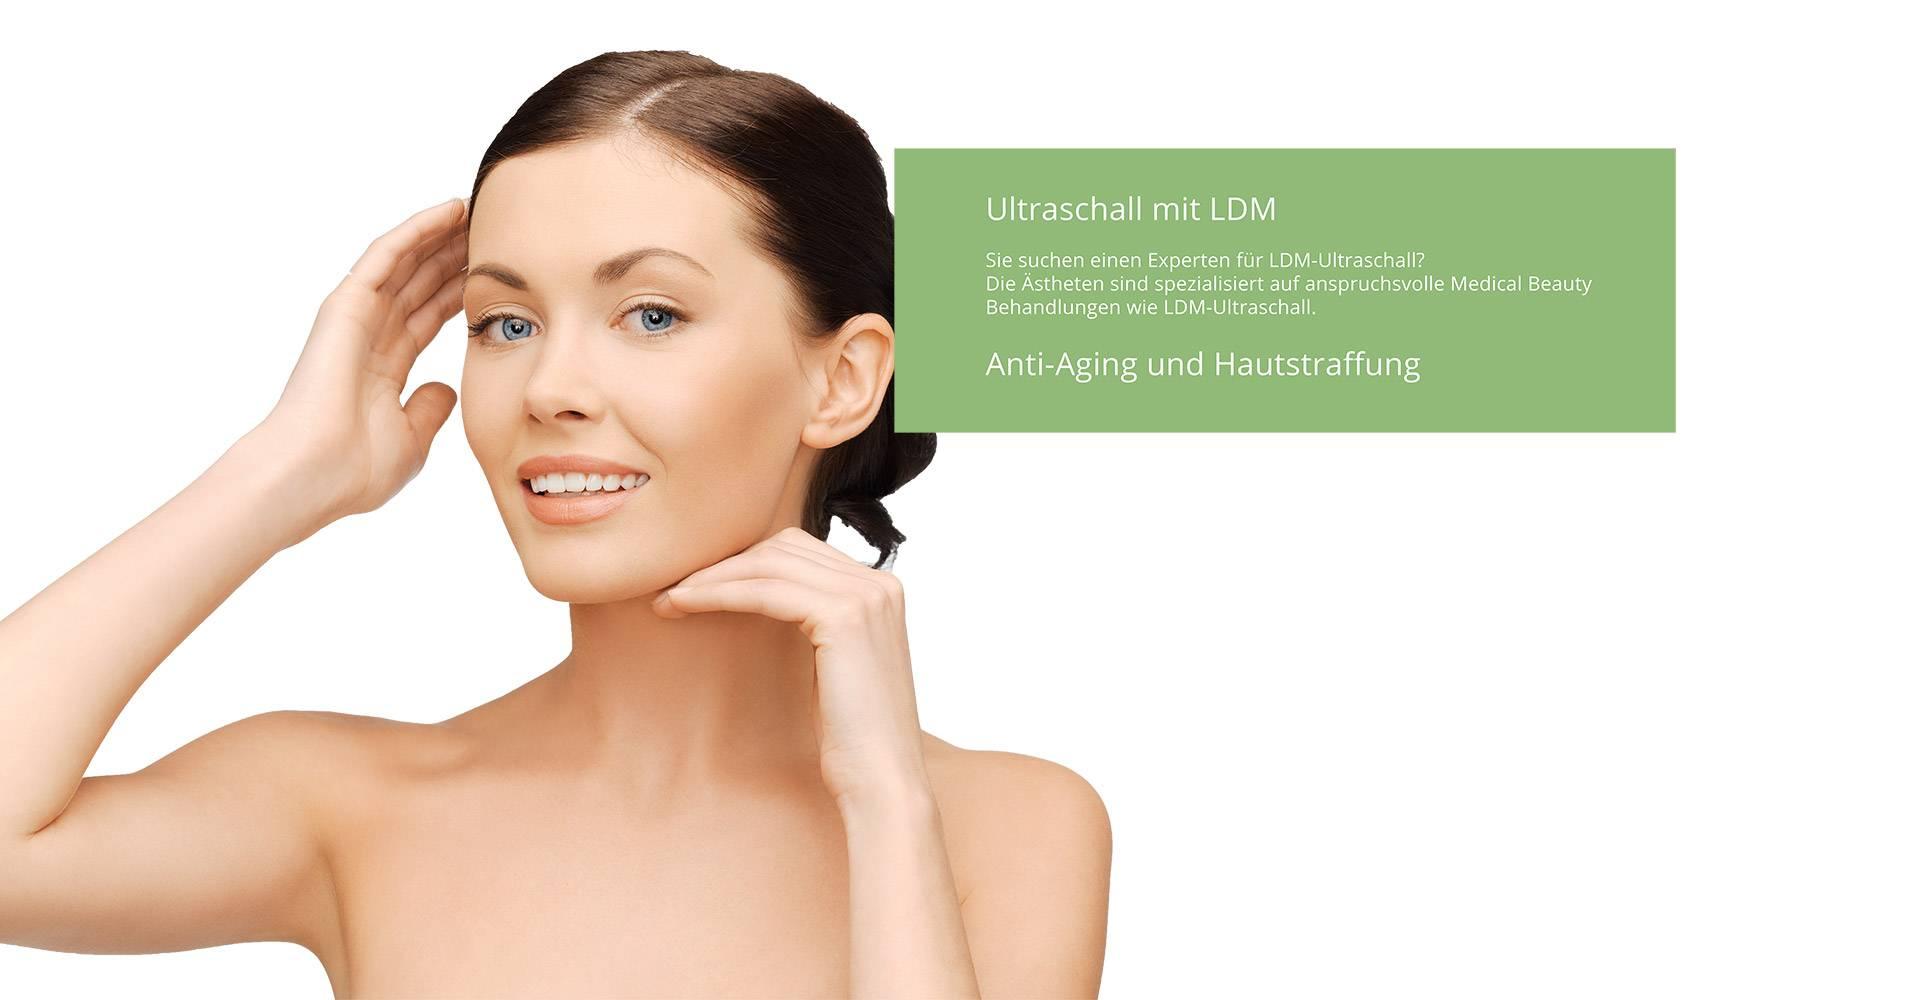 LDM Ultraschall gegen Falten